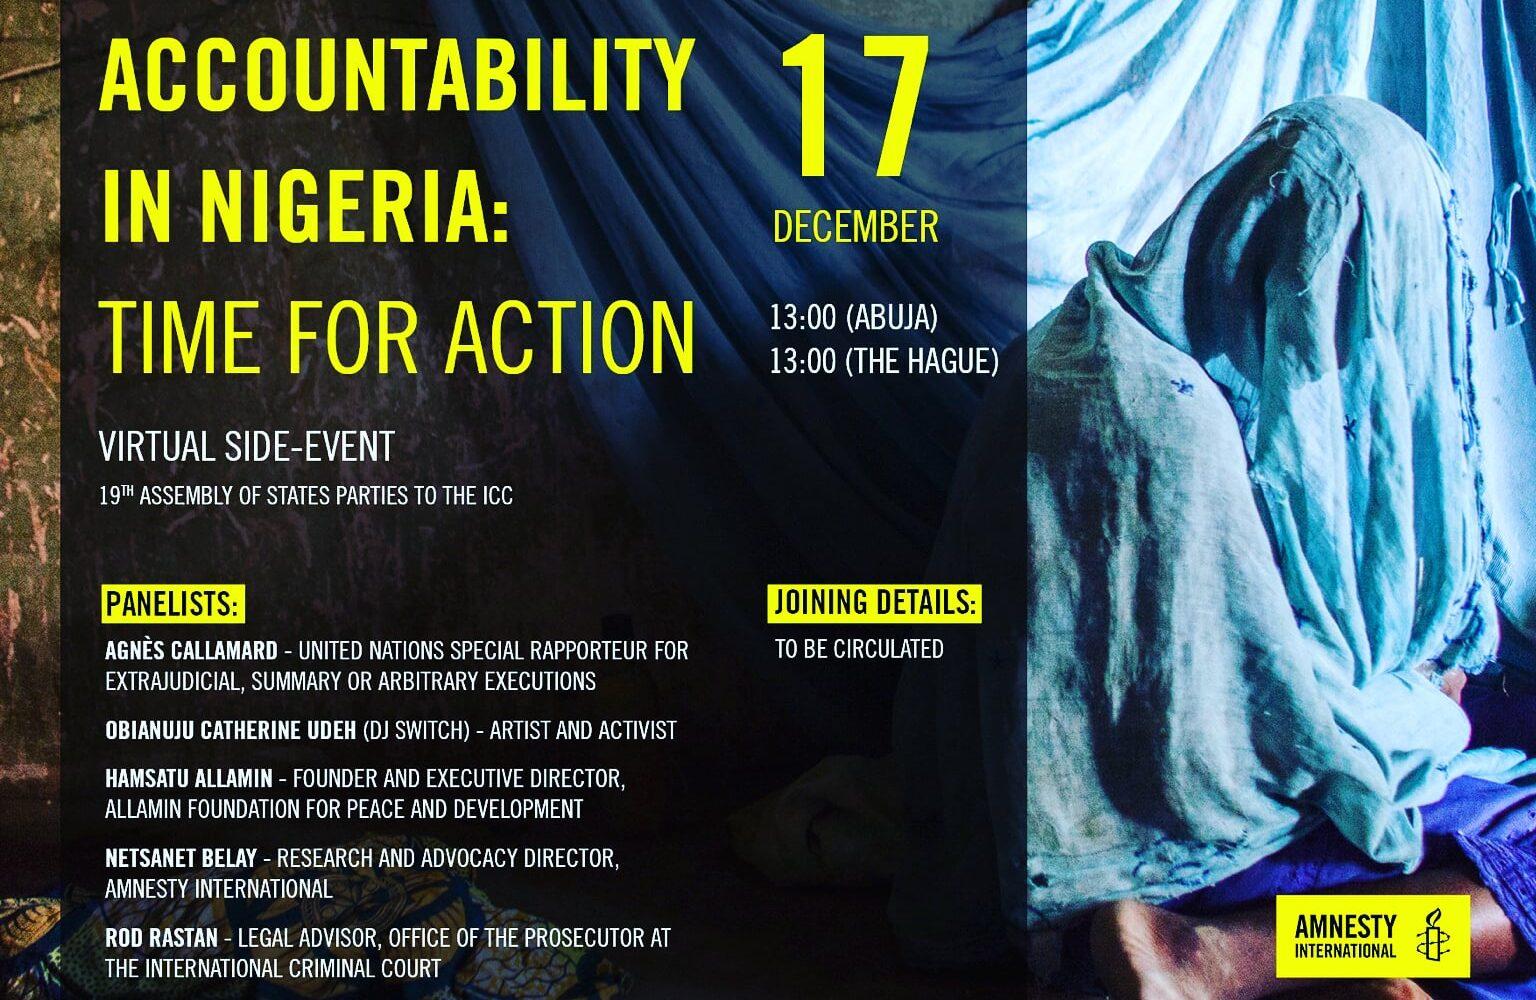 #EndSARS: DJ Switch to address ICC on 'Accountability in Nigeria'